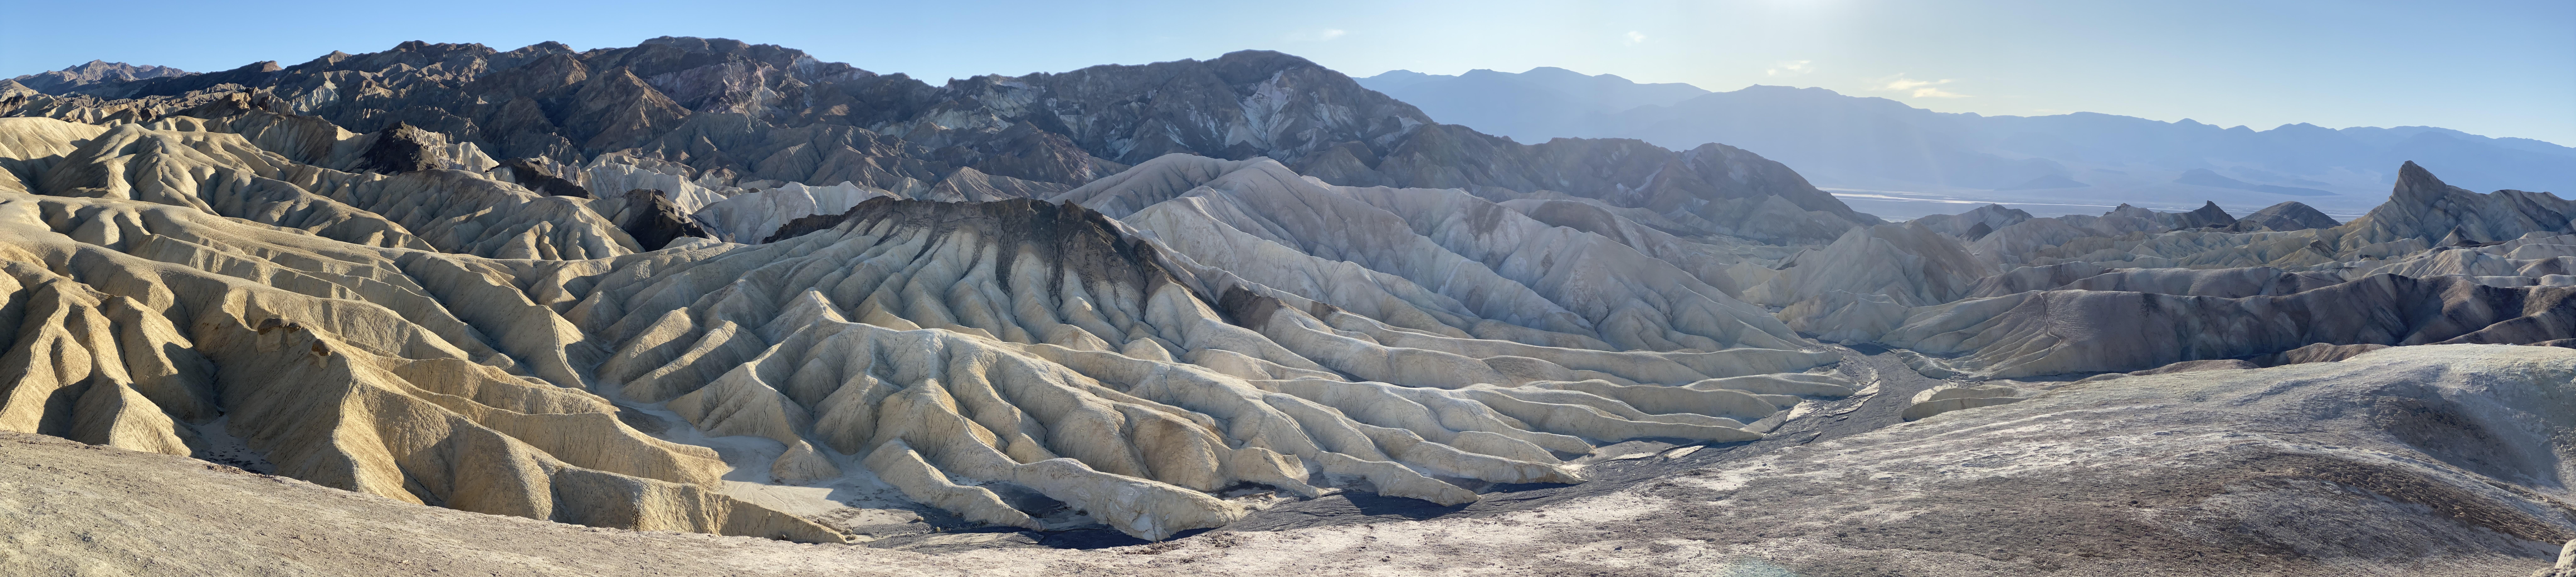 Death Valley panorama from Zabriskie Point.